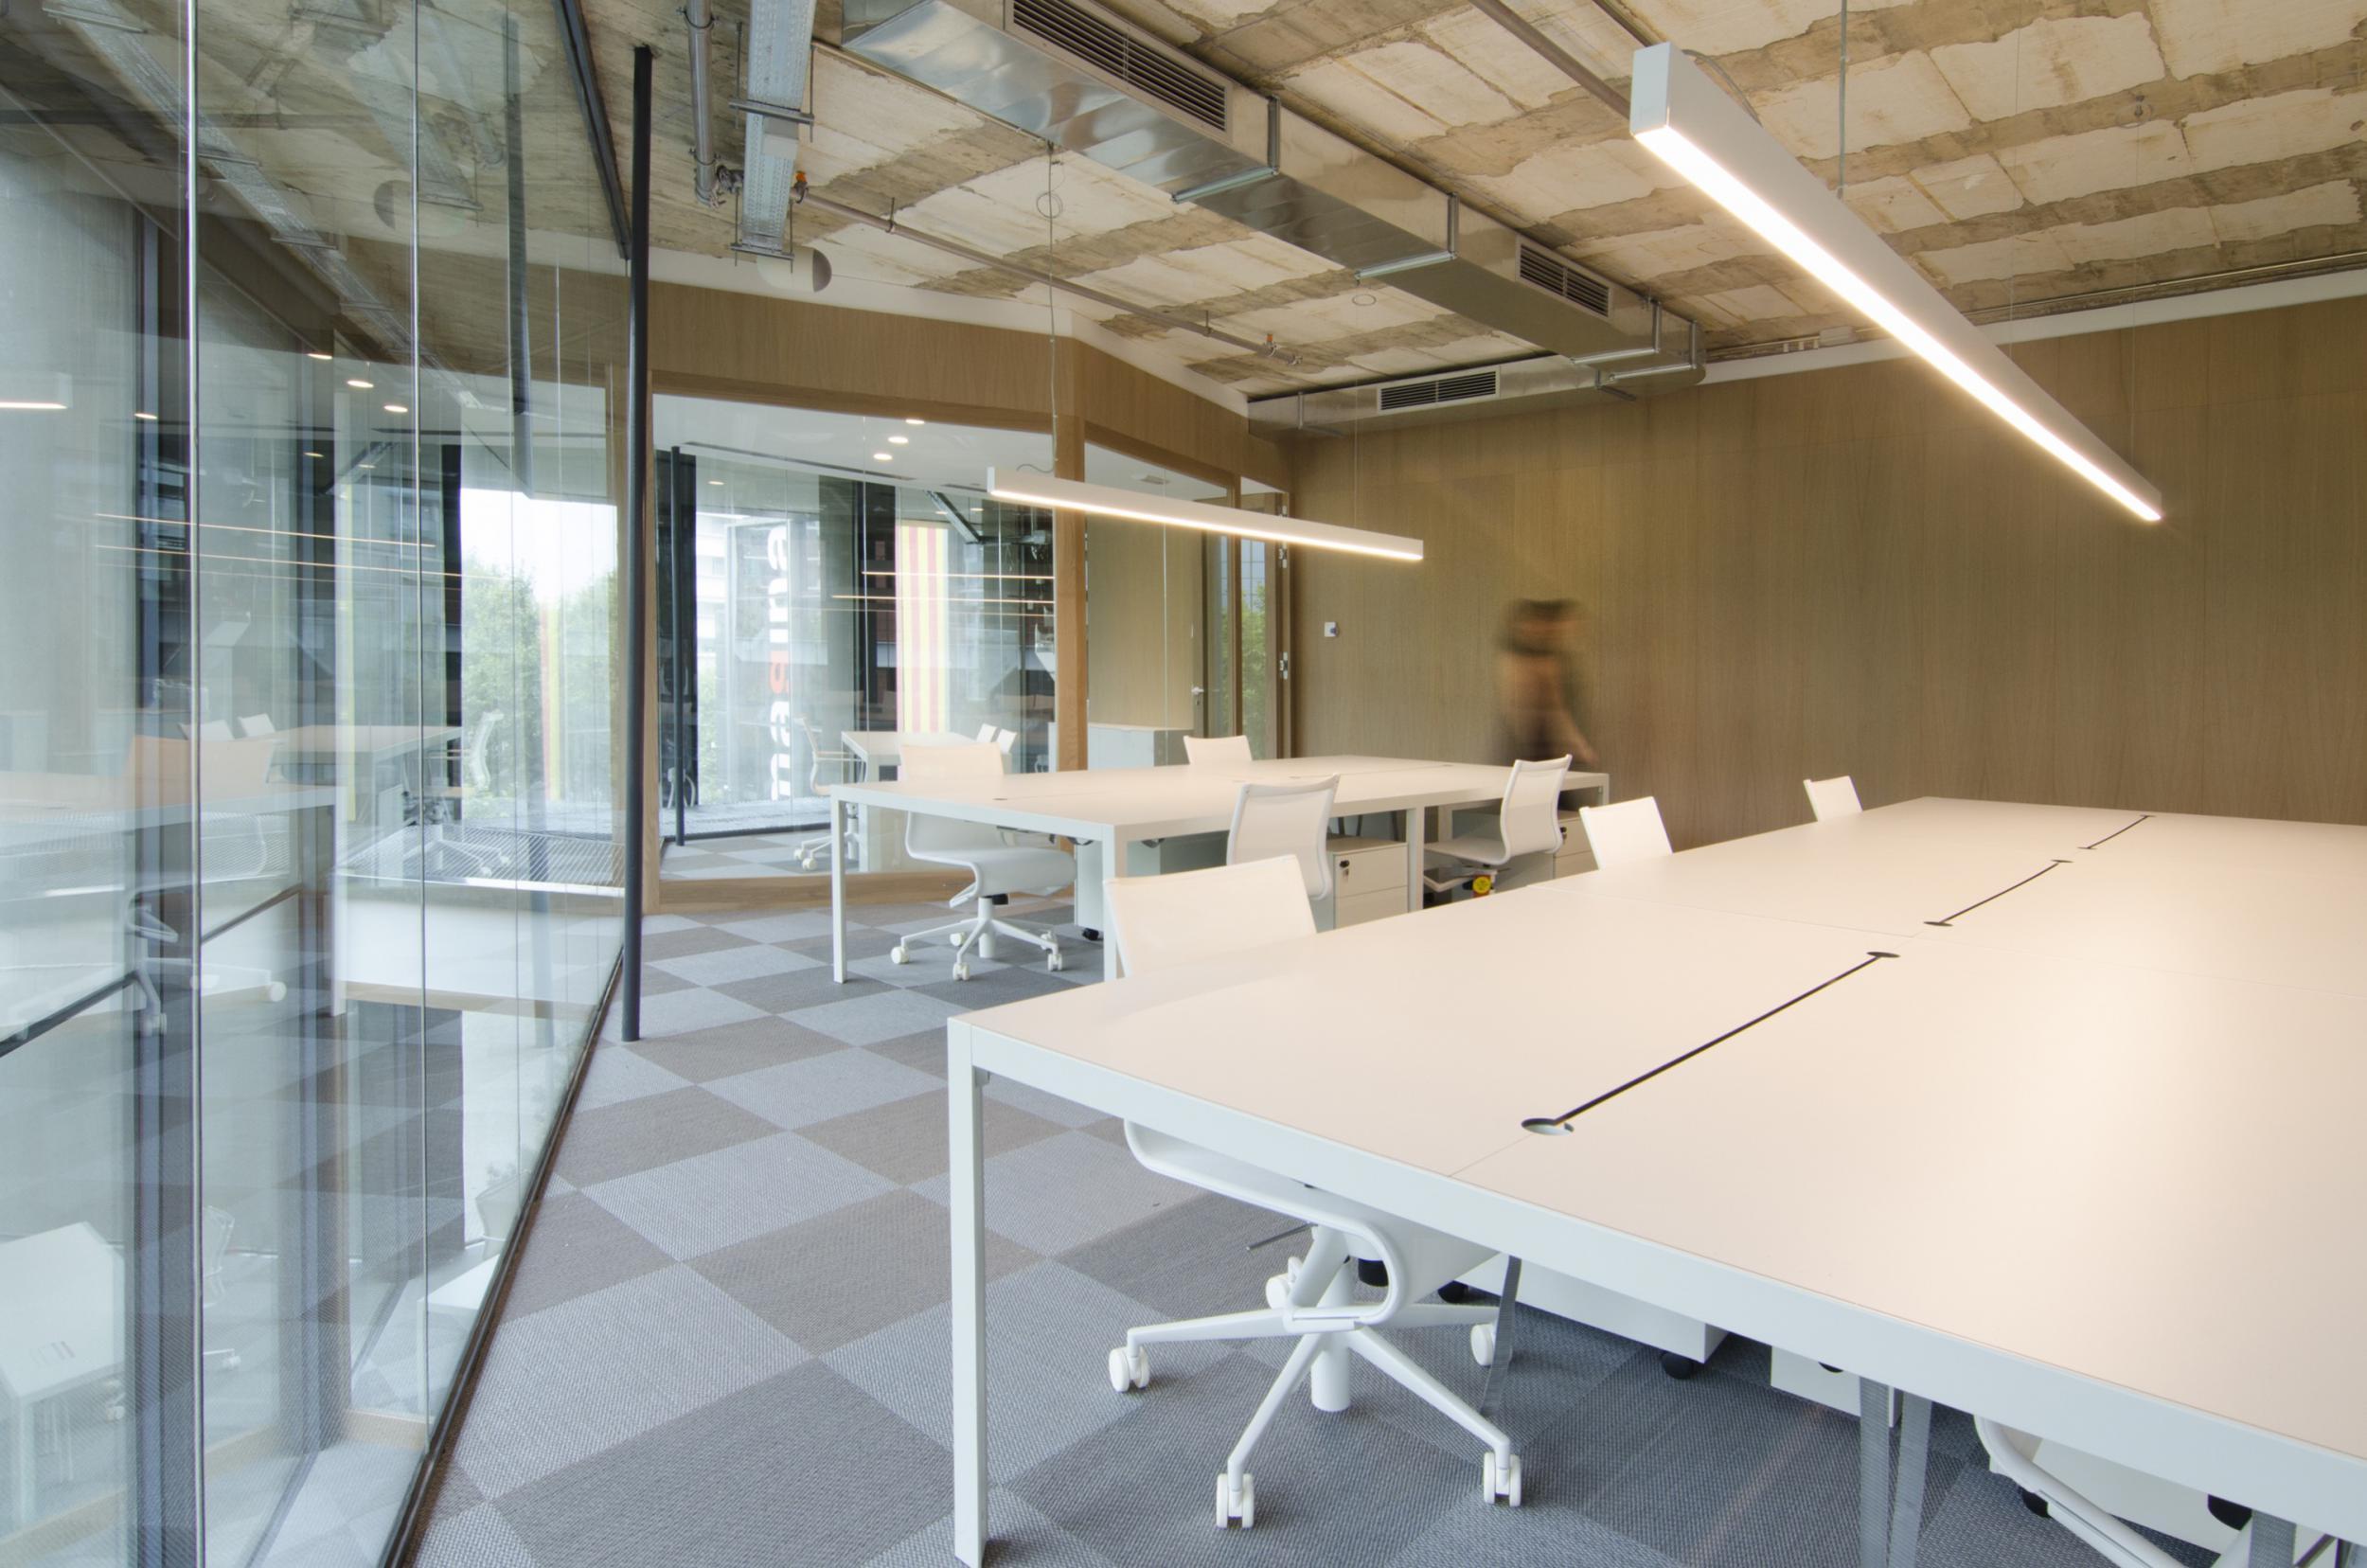 oficinas mediapro vilablanch estudio de arquitectura